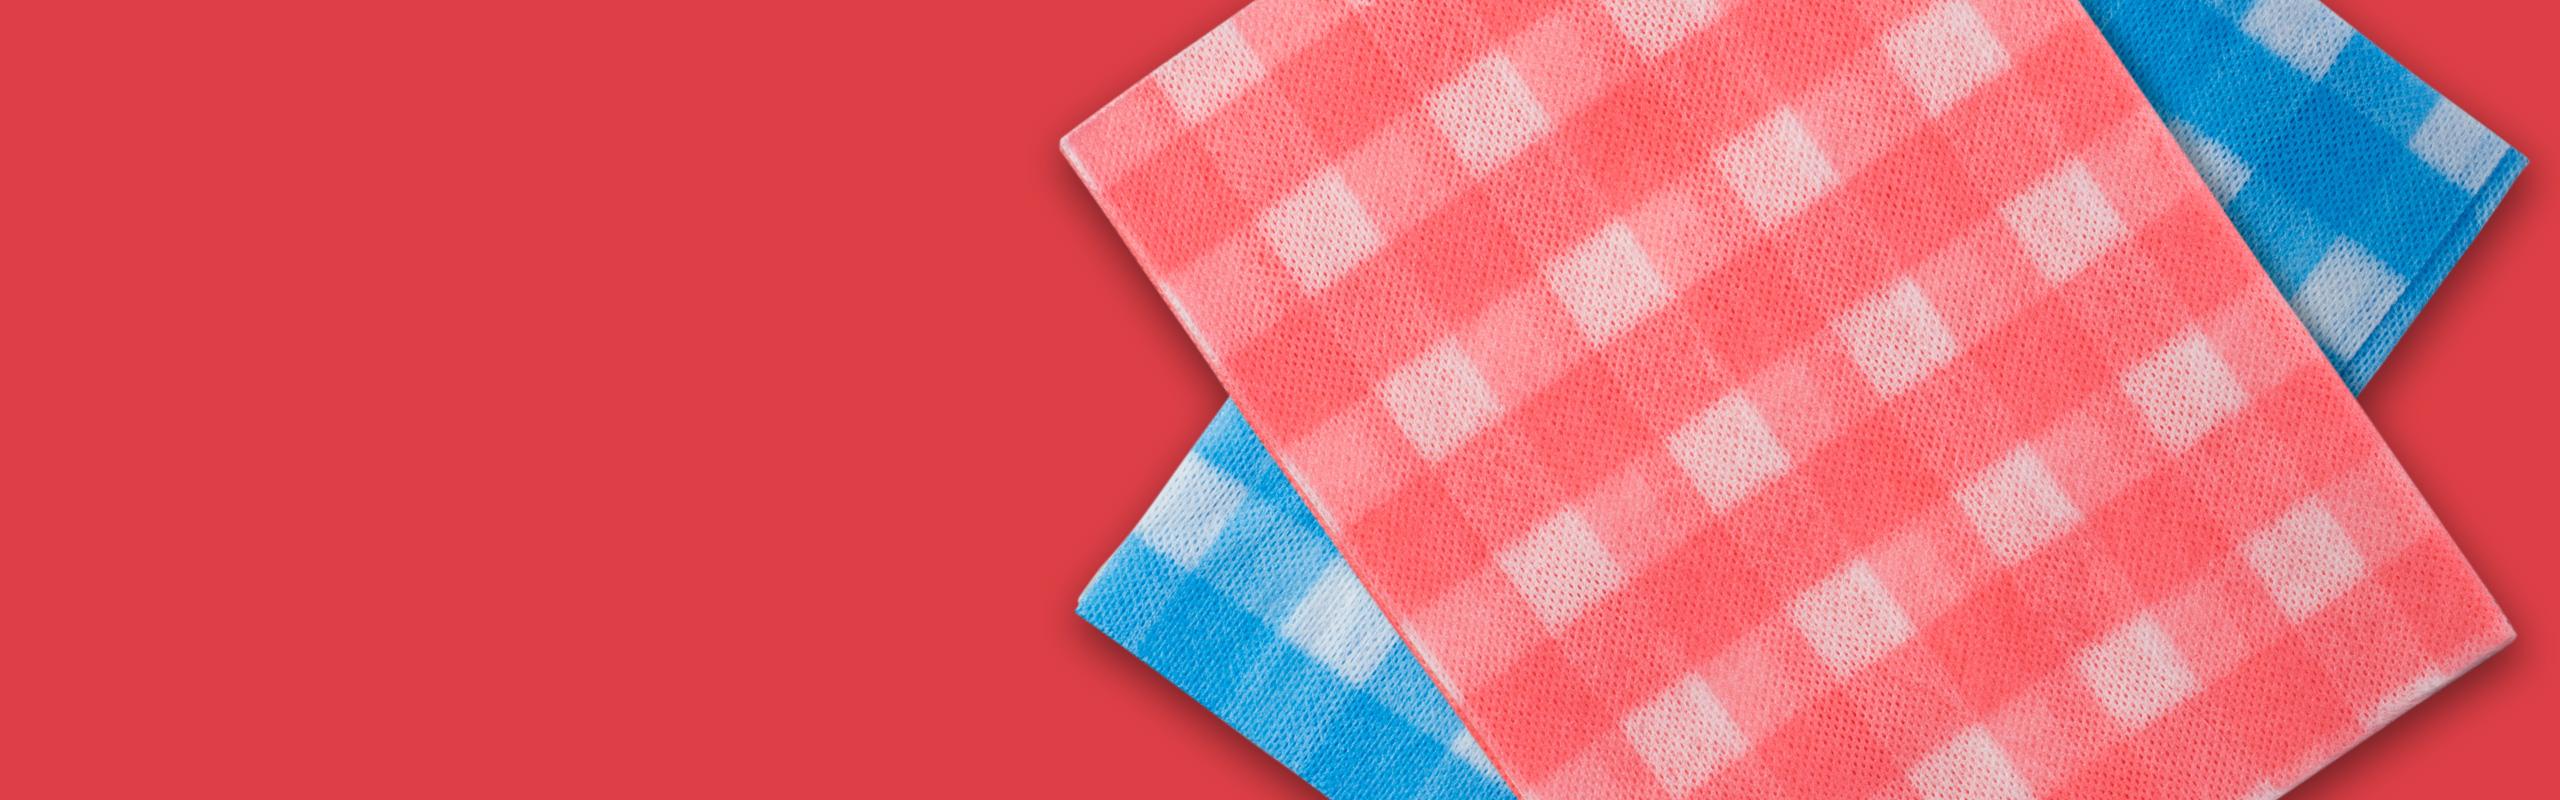 Ein Tuch zum Abwischen und Waschen